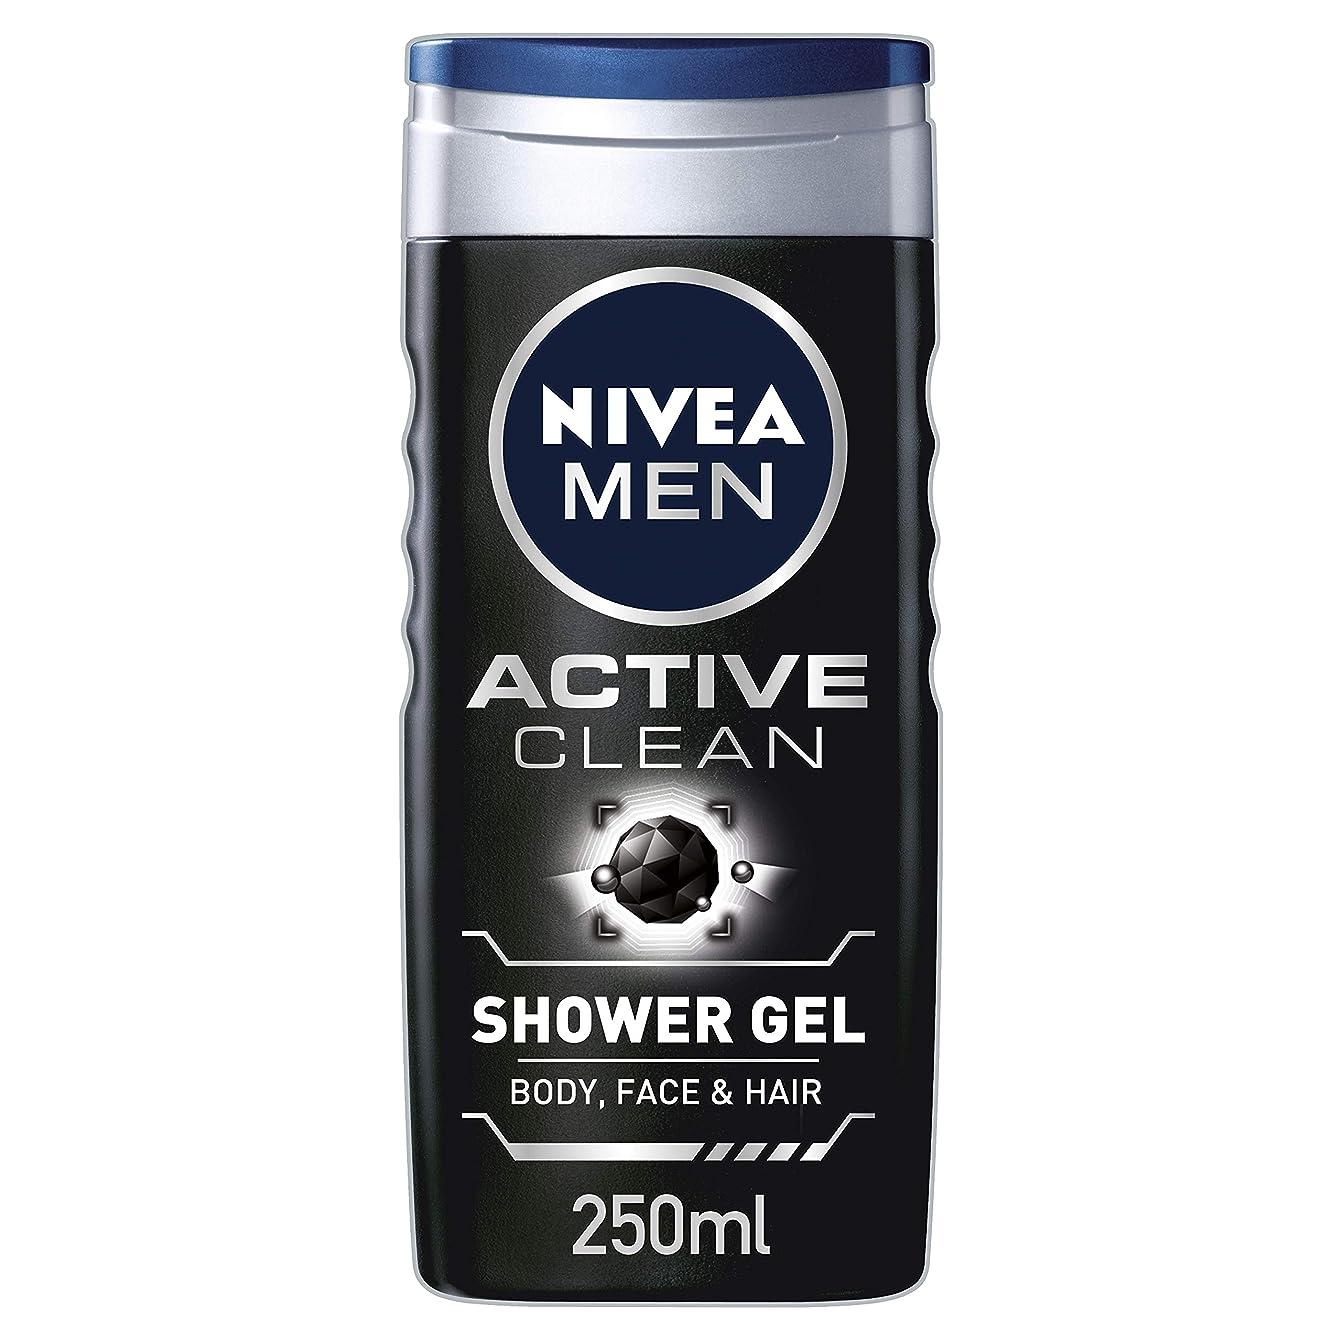 四明快集団的Nivea Men Active Clean Shower Gel 250ml